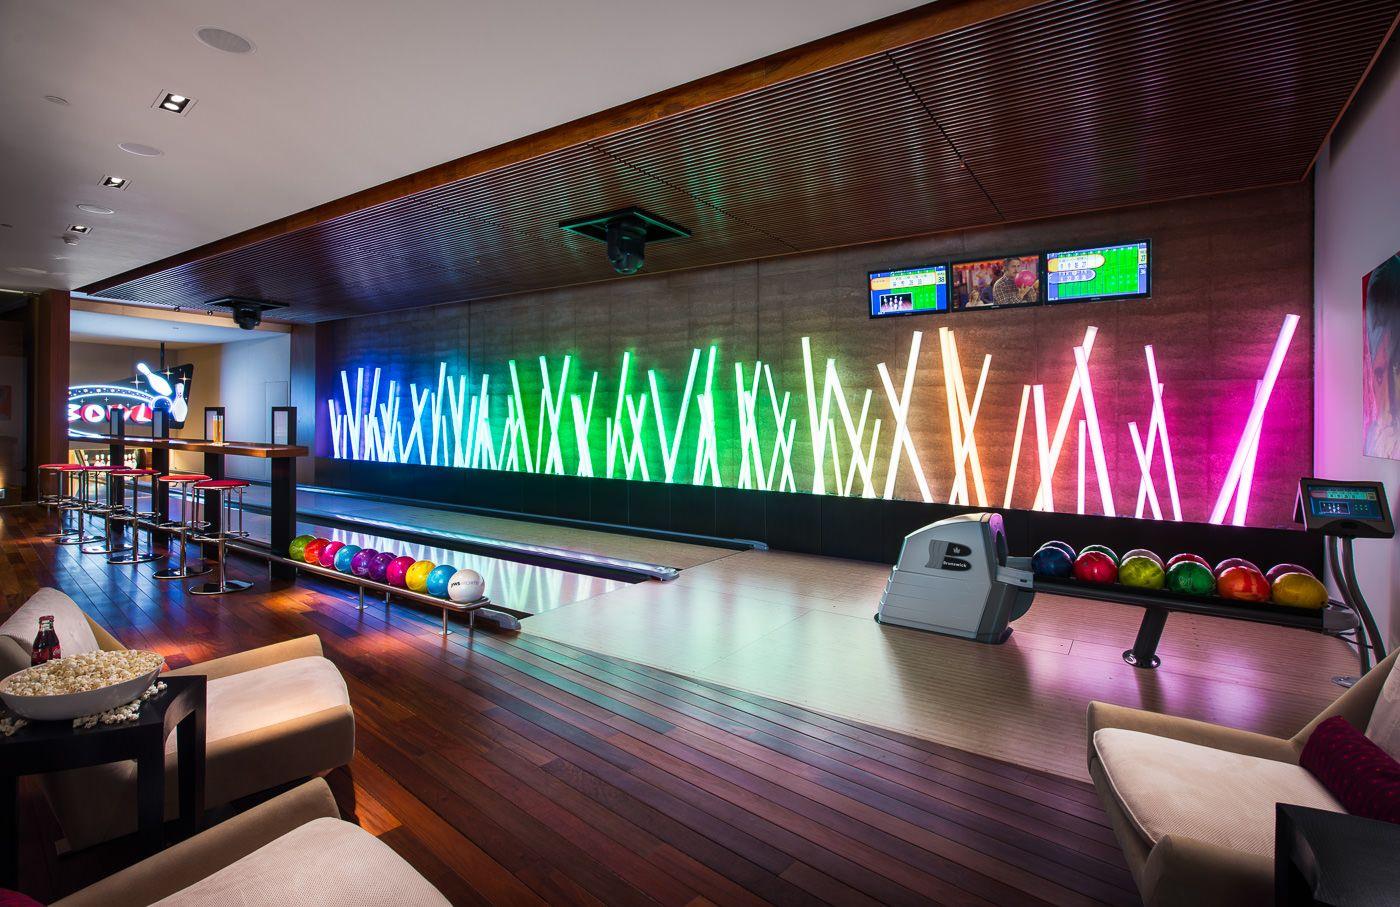 Private Bowling Alley Interior Design Ideas